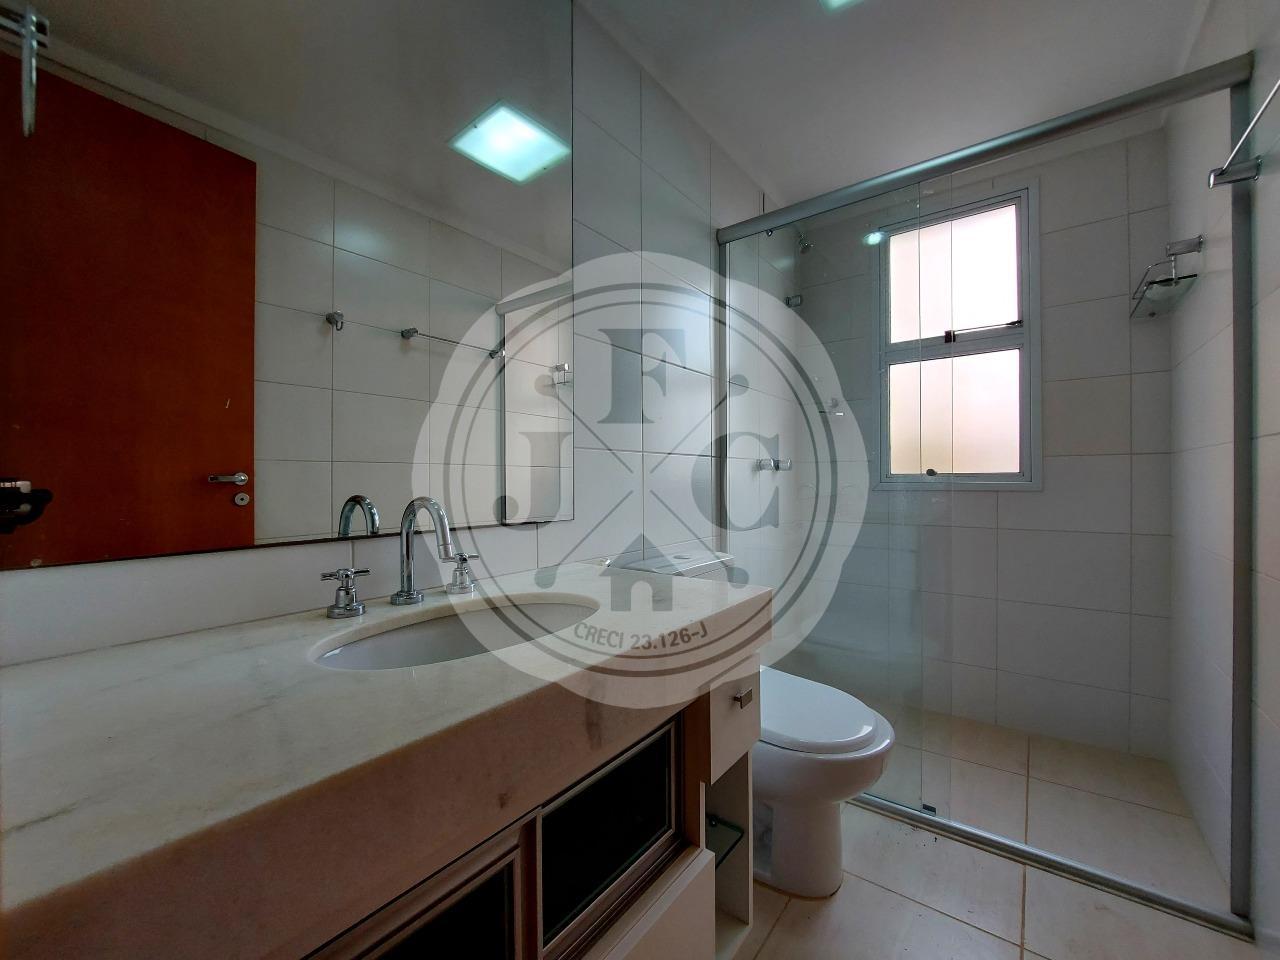 Apartamento à venda no Jardim Botânico: Banheiro social